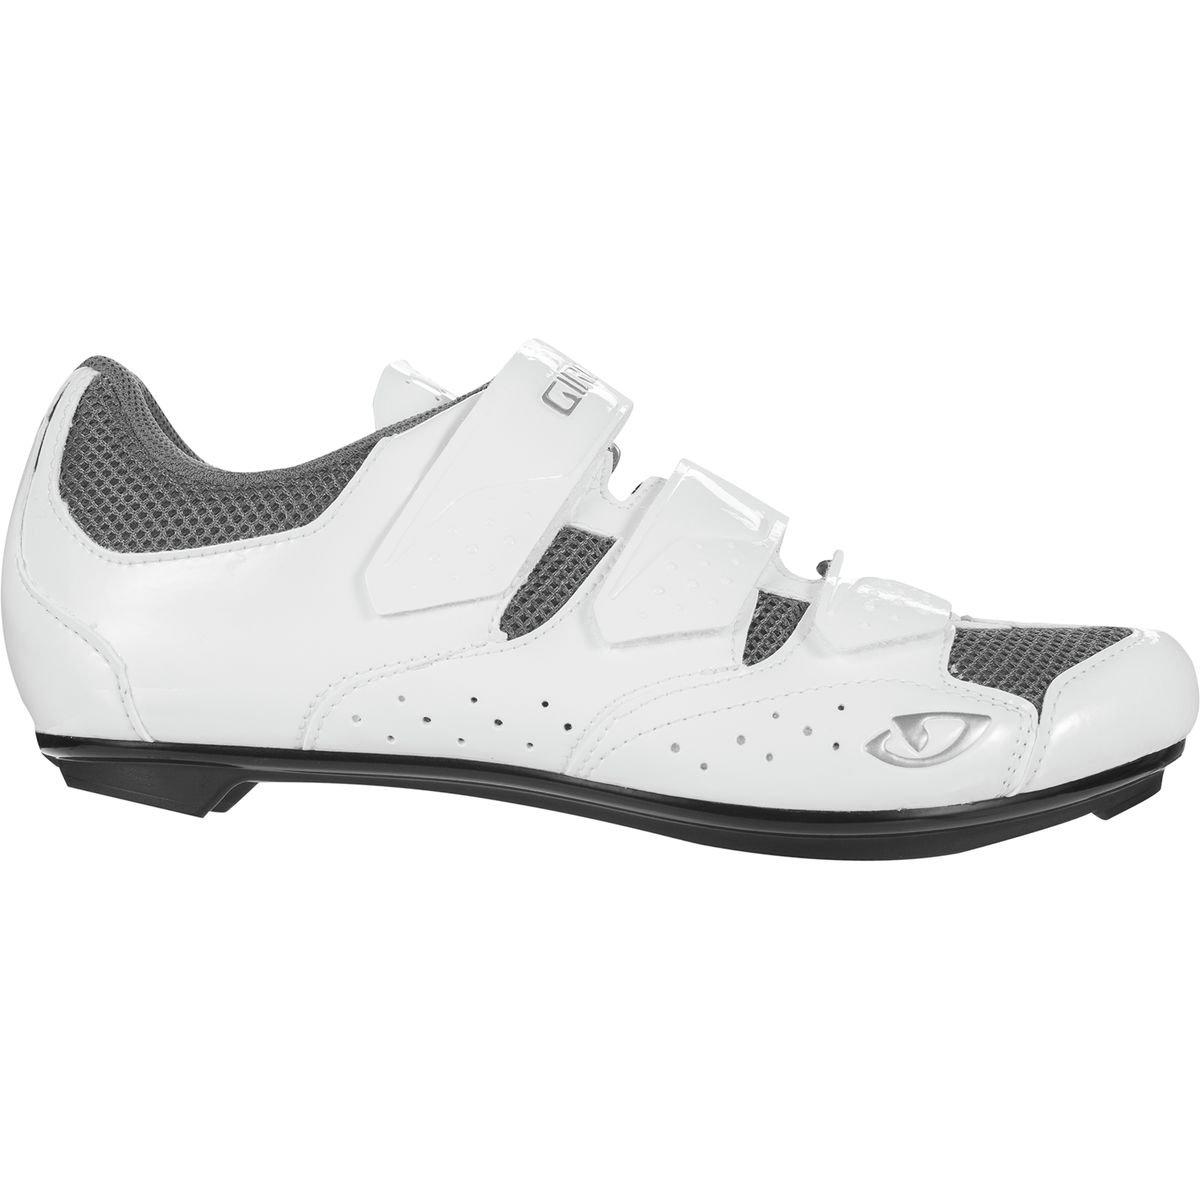 [ジロ] レディース スポーツ サイクリング Techne Cycling Shoe [並行輸入品] 38  B077YMGPLT